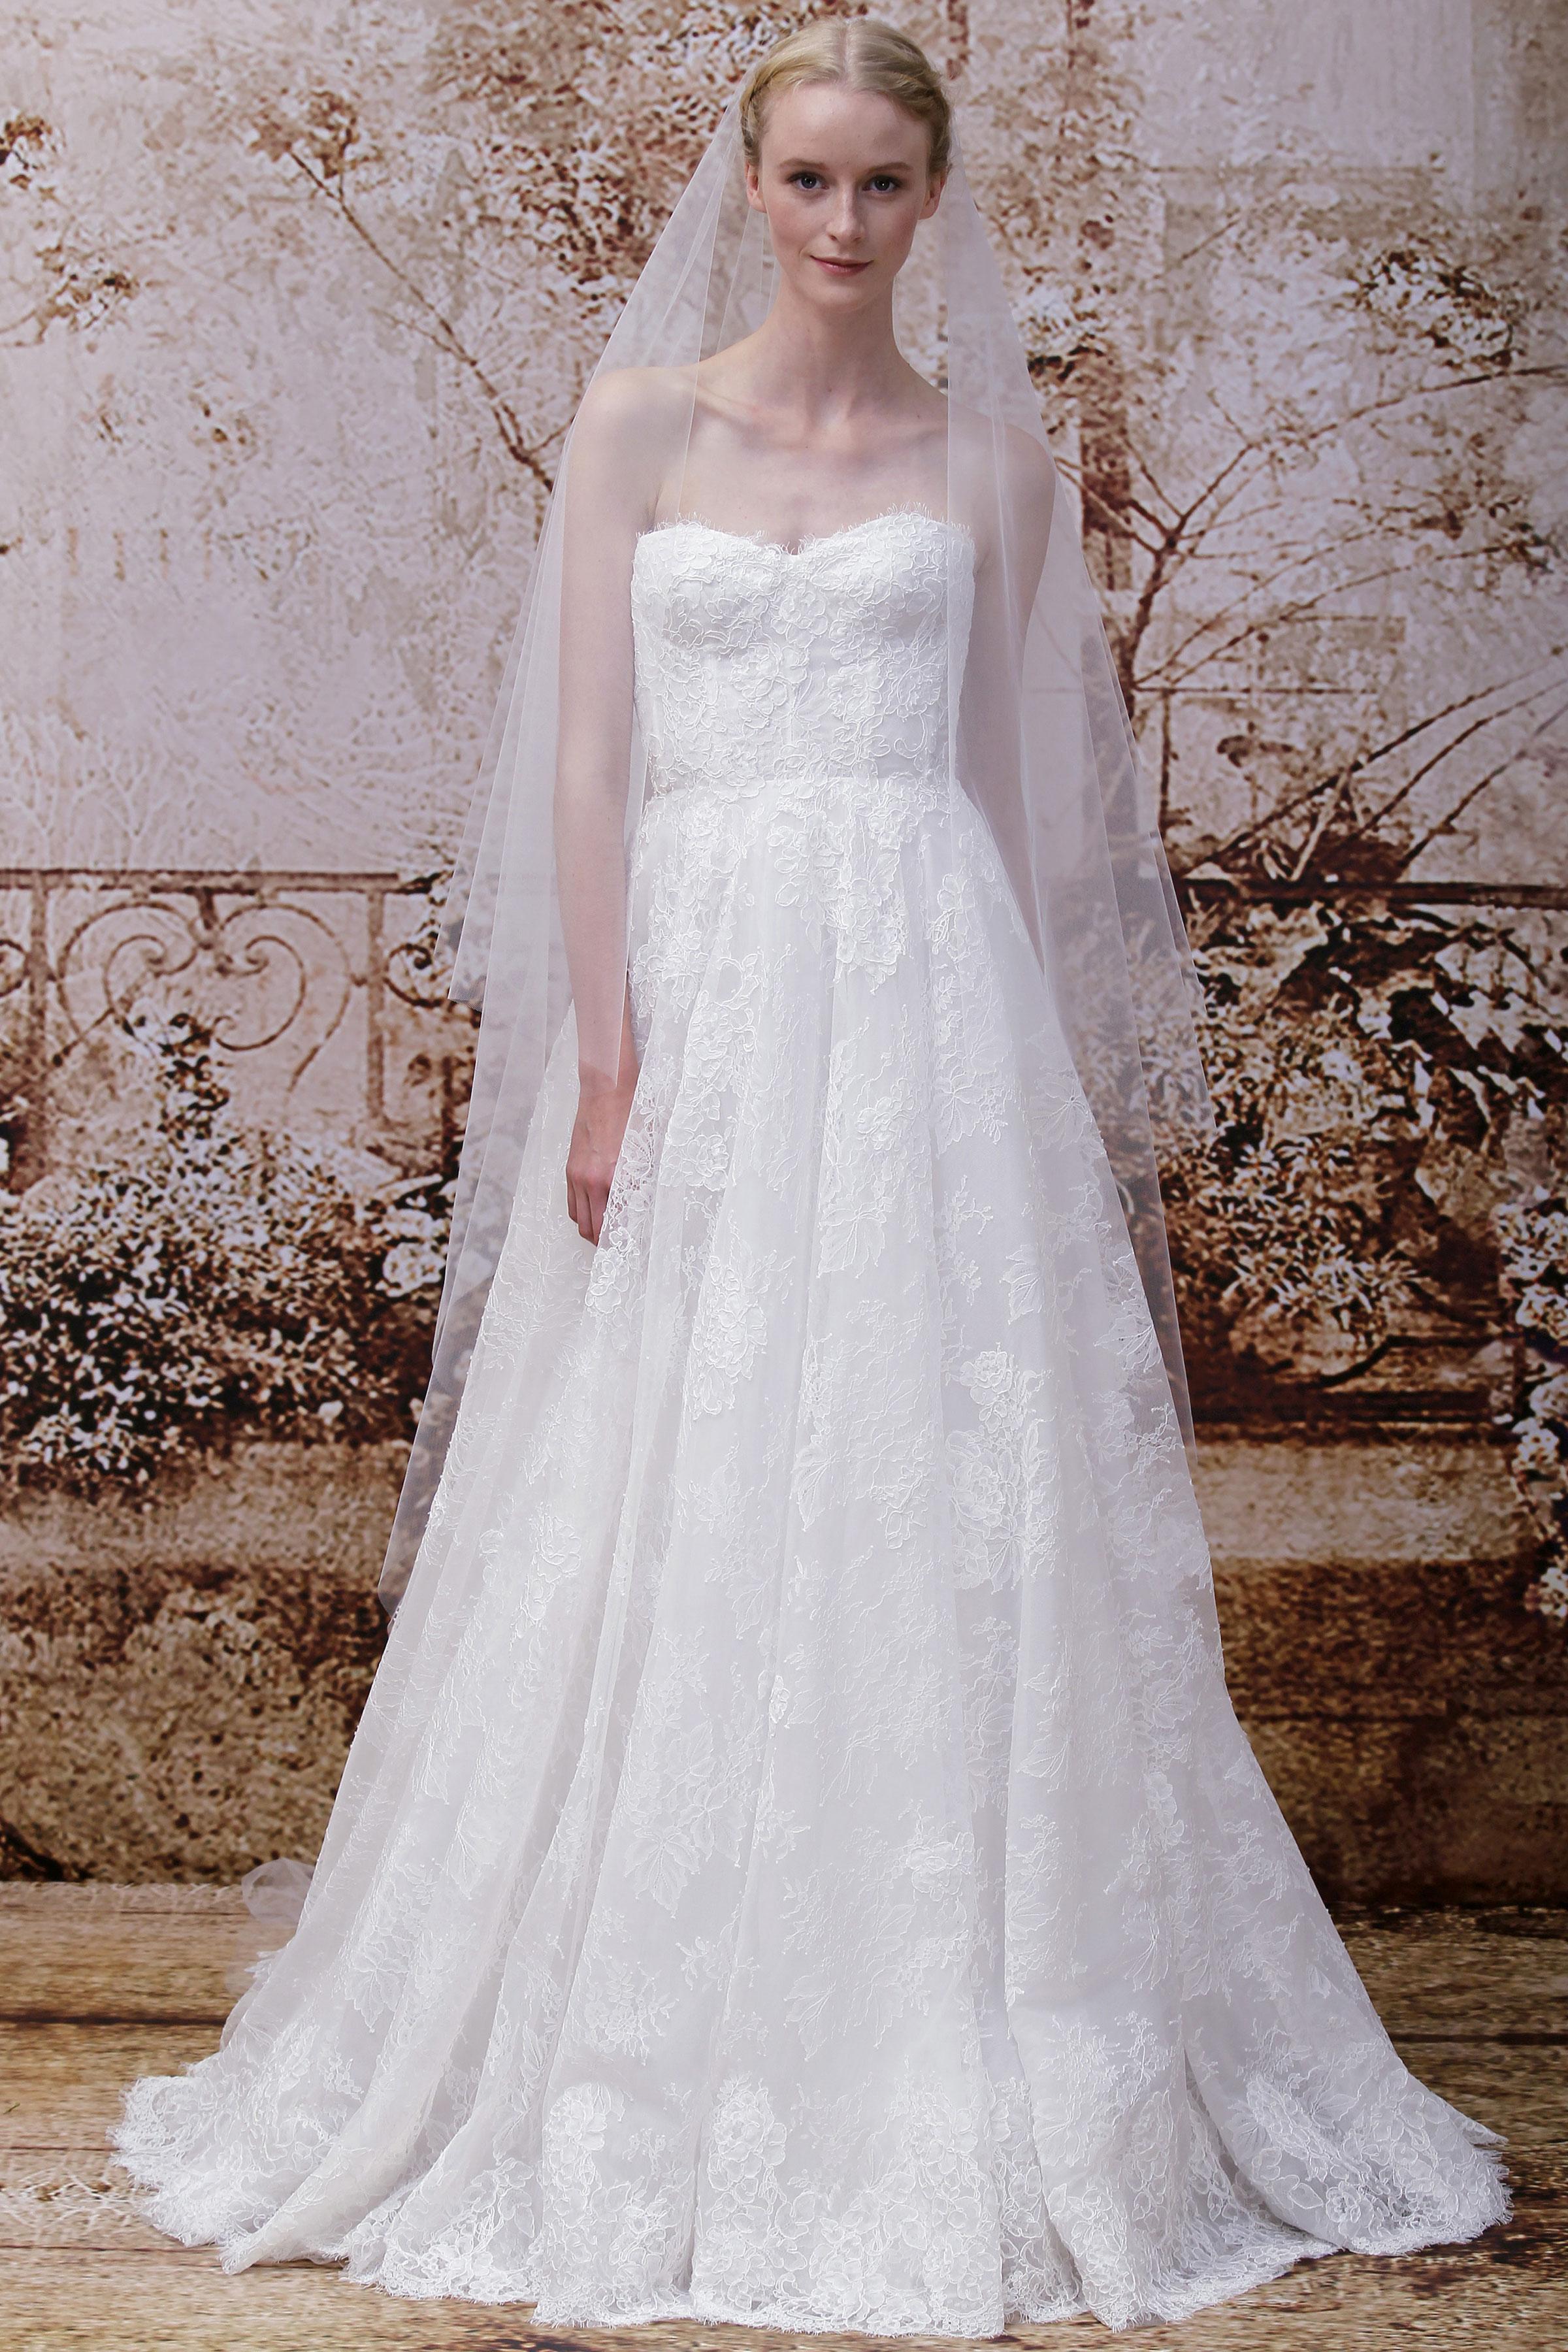 37 Designer Wedding Dresses for Fall 2014 - Couture Wedding Dress ...